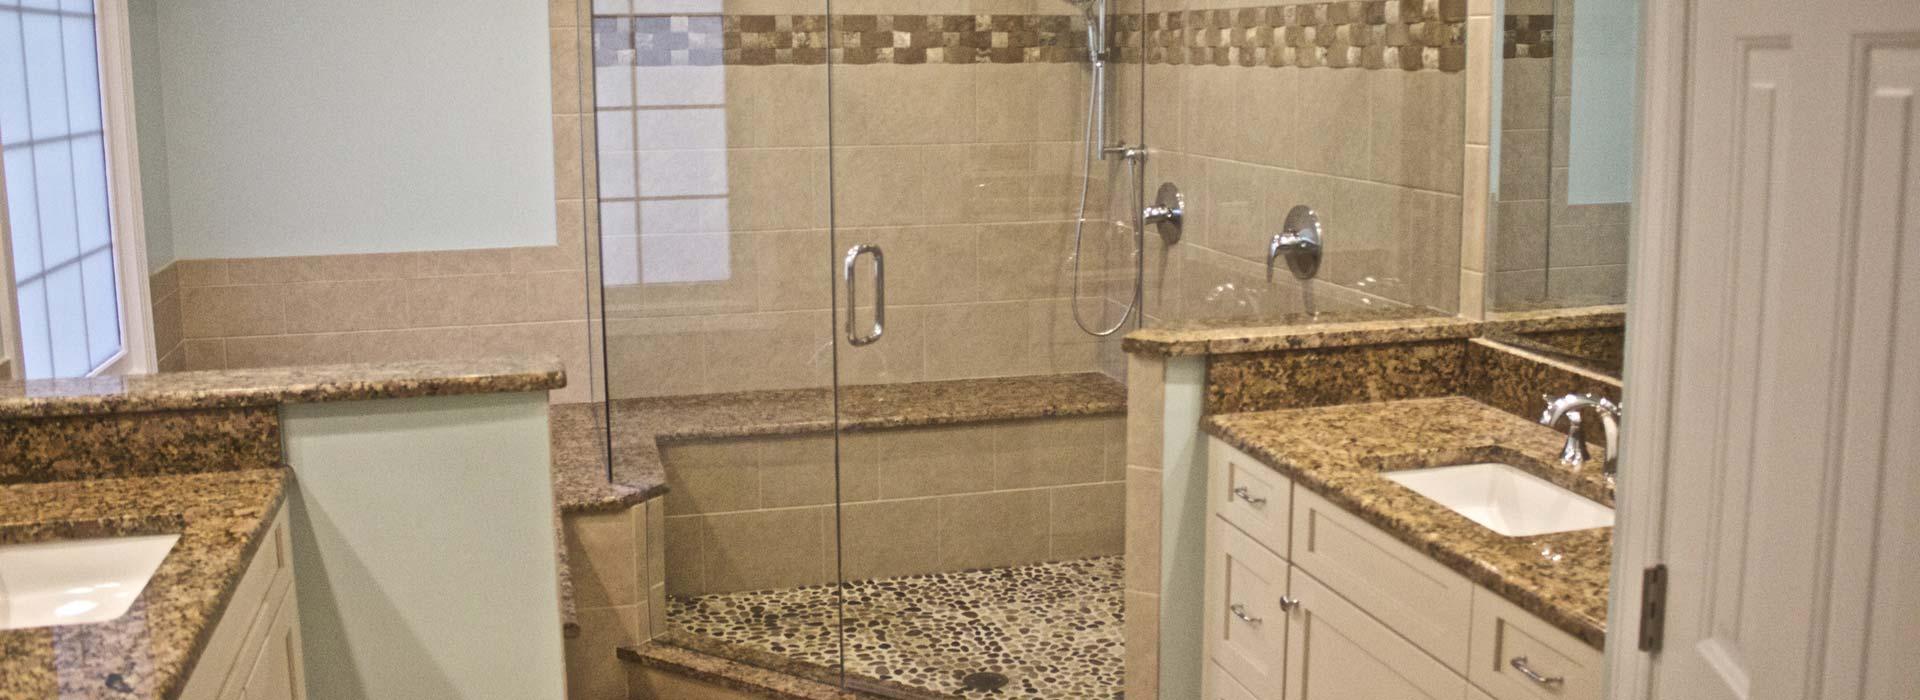 4-White-Oak-Bath